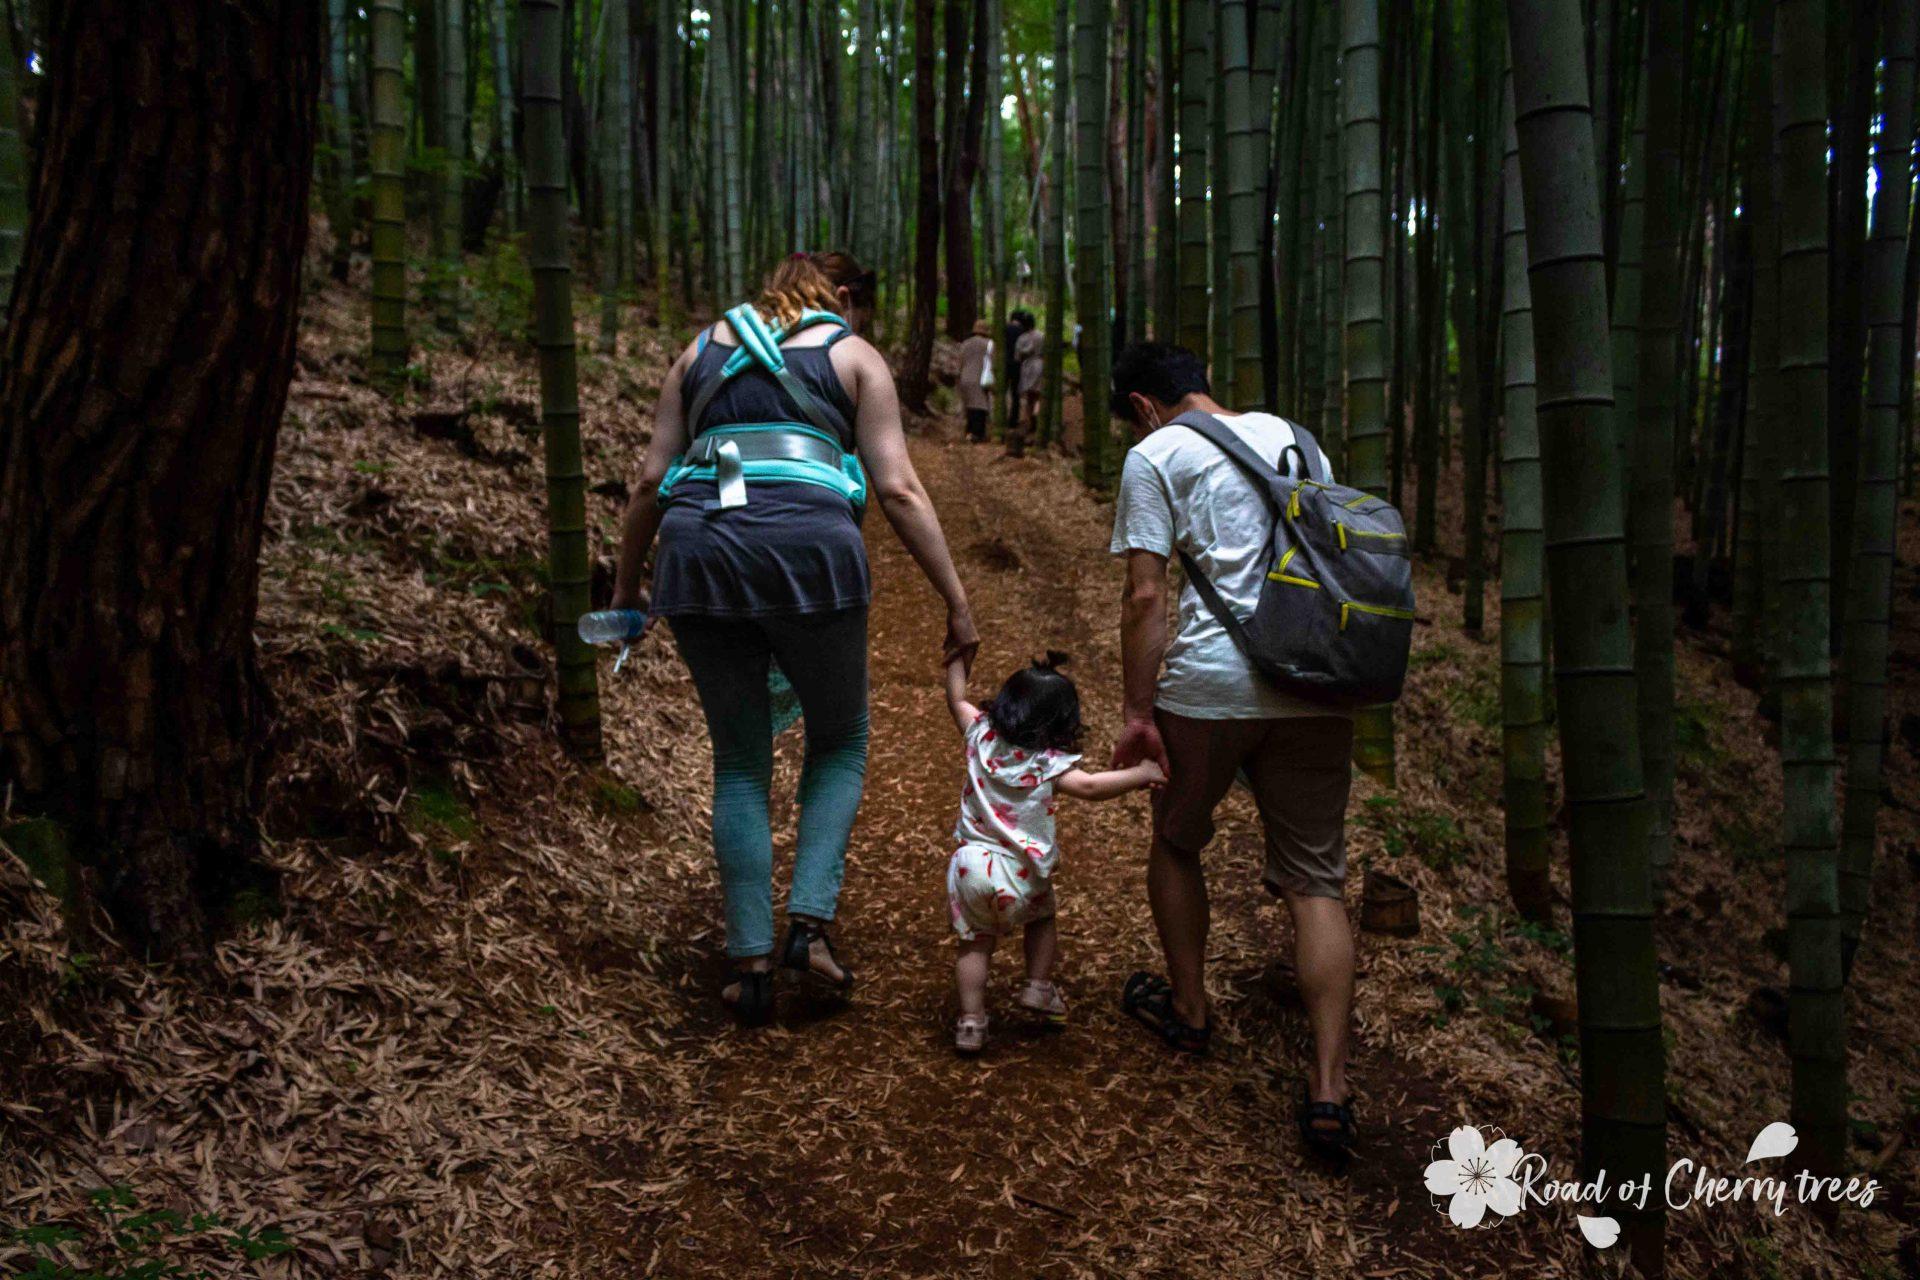 Photo de famille prise lors d'une ballade dans la forêt de bambous d'Ahopsan à Busan en Corée du Sud